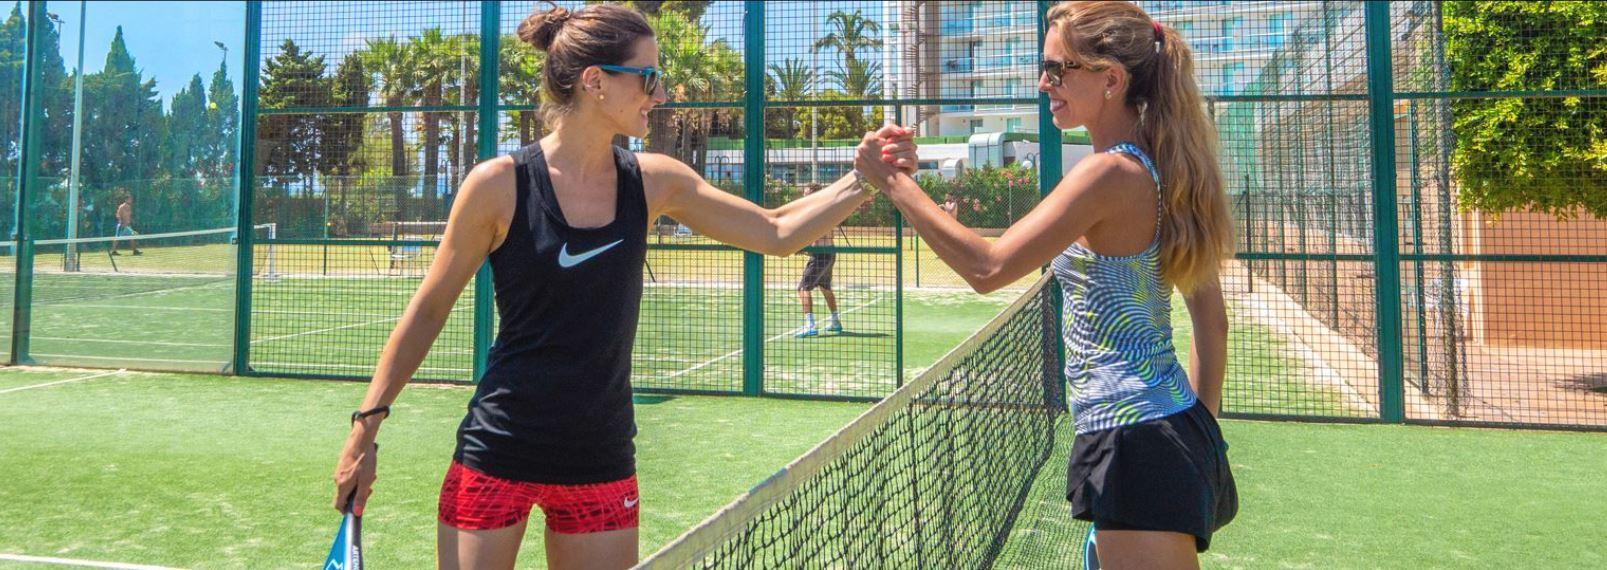 Instalaciones deportivas del hotel Sirenis Goleta Spa en Ibiza Hoteles para solteros